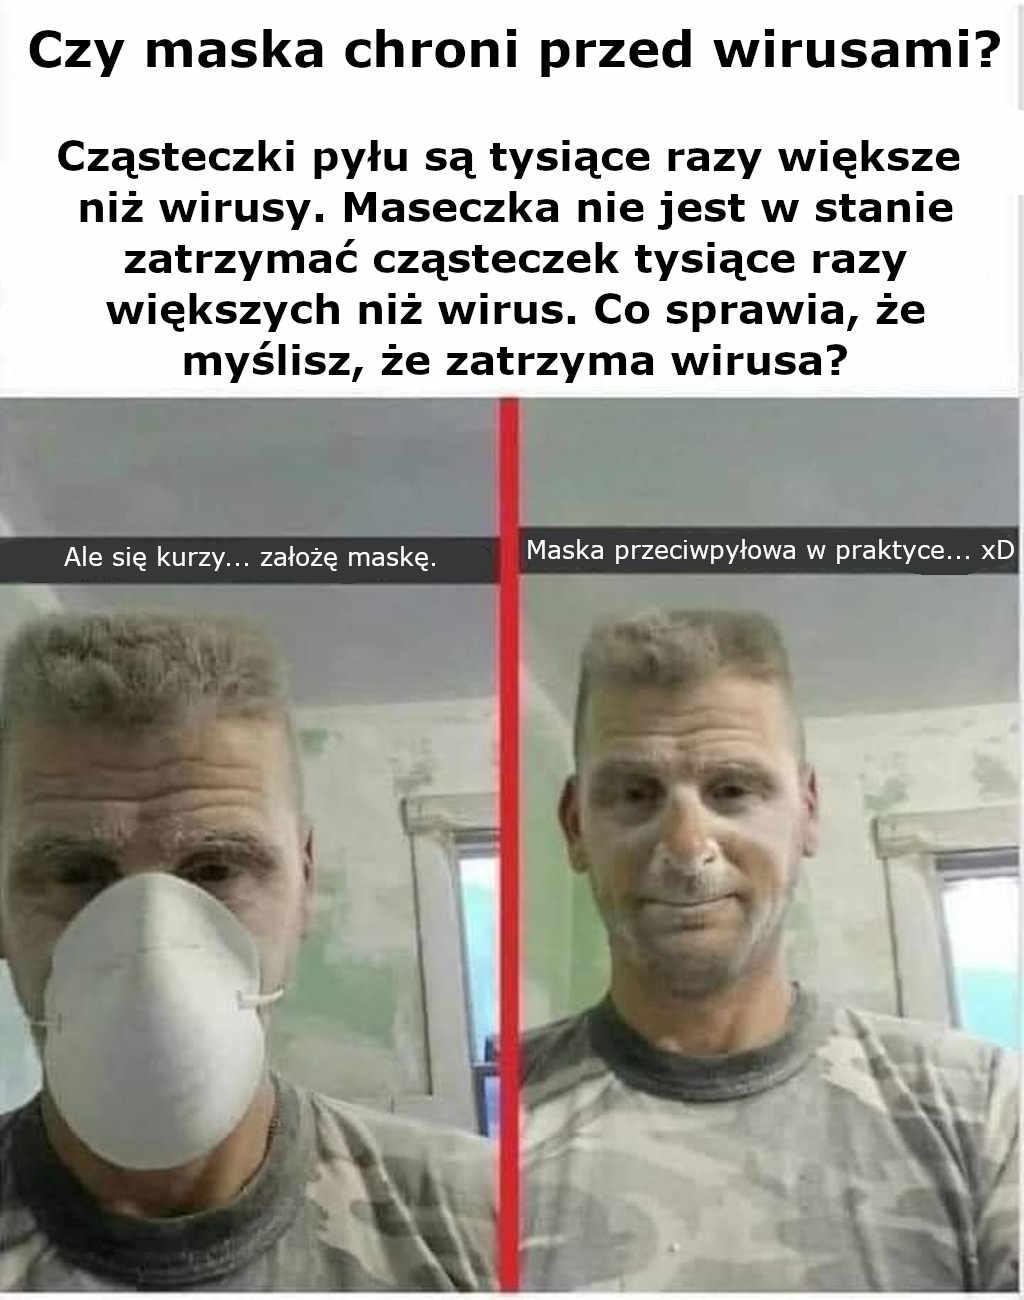 Czy maska chroni przed wirusami?